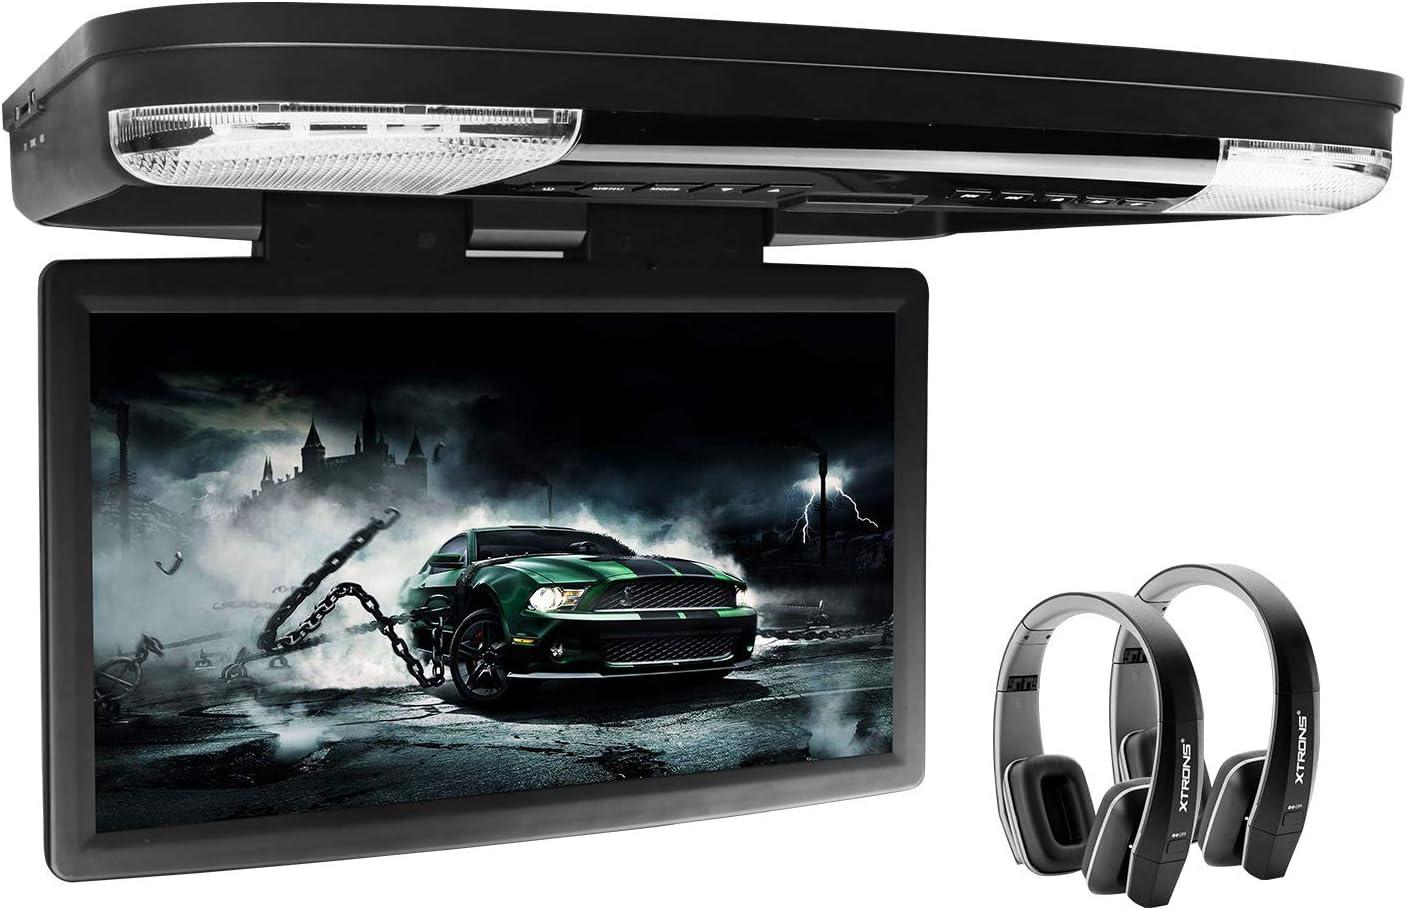 Xtrons Dvd Dvd 39 6 Cm 15 6 Zoll 1080p Hd Digital Widescreen Für Auto Wohnmobil Dach Aufklappbar Hdmi Anschluss Inkl Ir Kopfhörer Schwarz Navigation